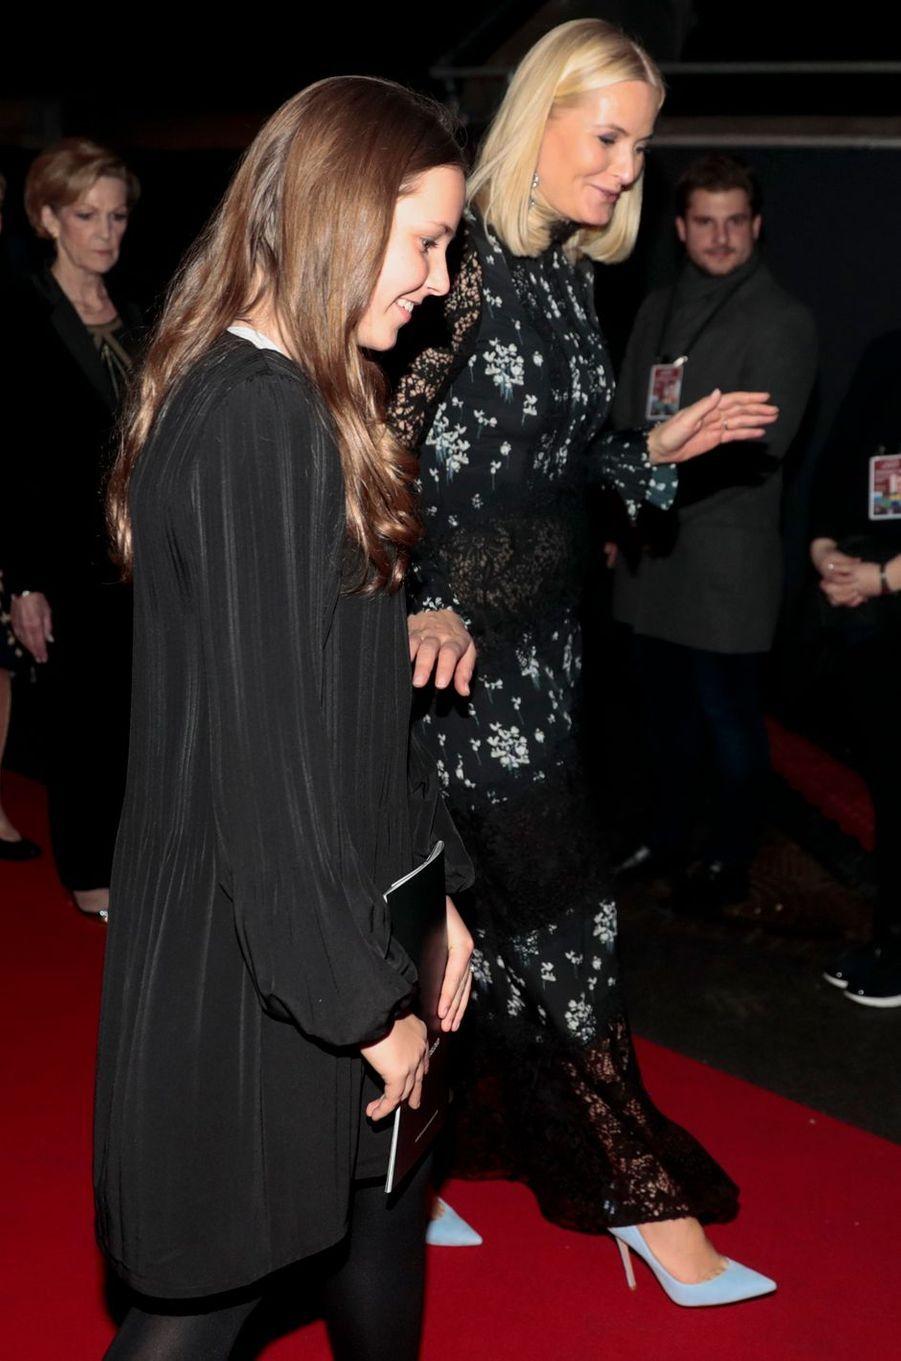 La princesse Mette-Marit de Norvège avec sa fille la princesse Ingrid Alexandra à Oslo, le 11 décembre 2017